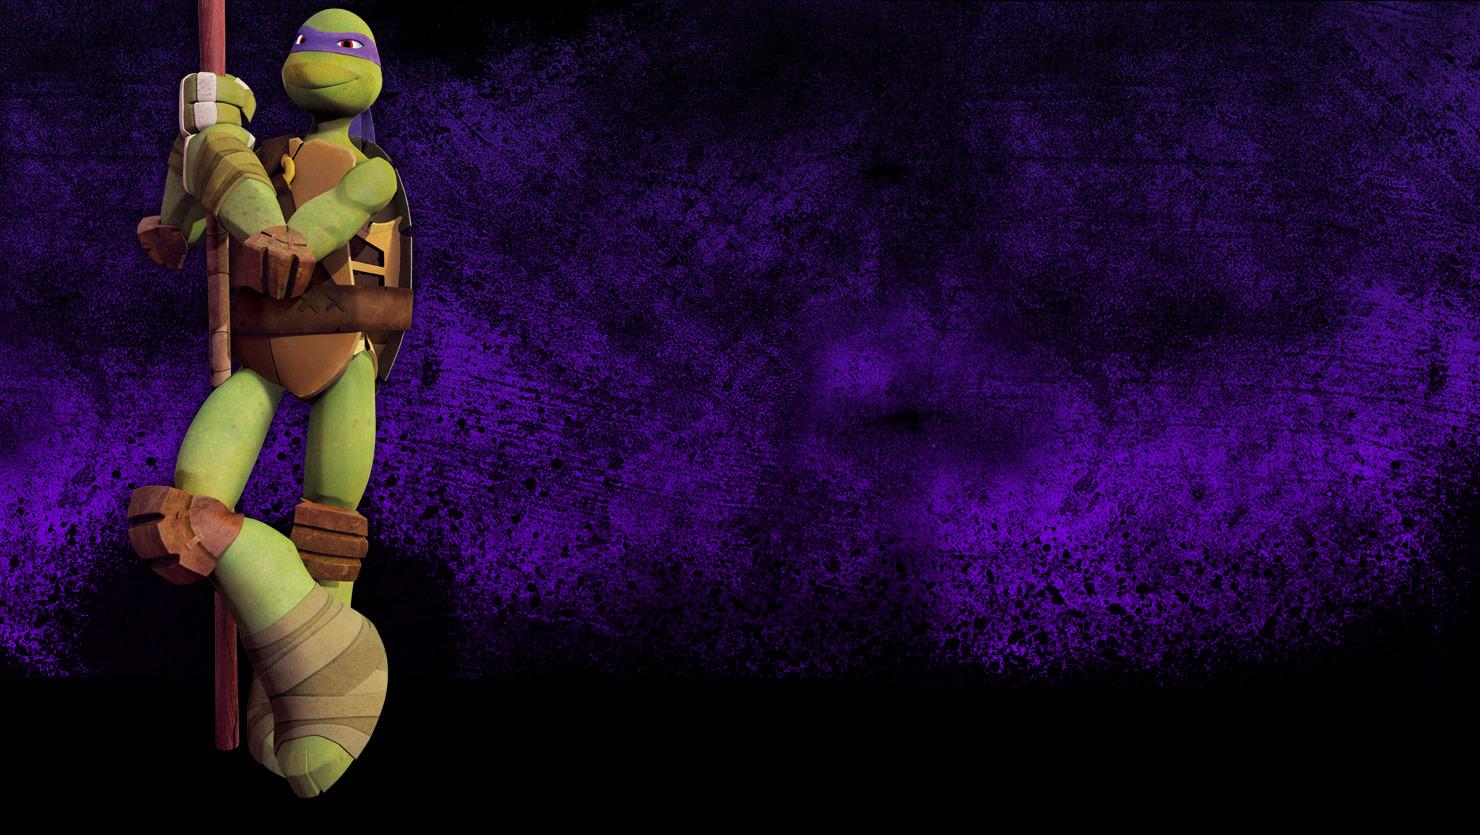 TMNT 2012 Donatello Wallpaper